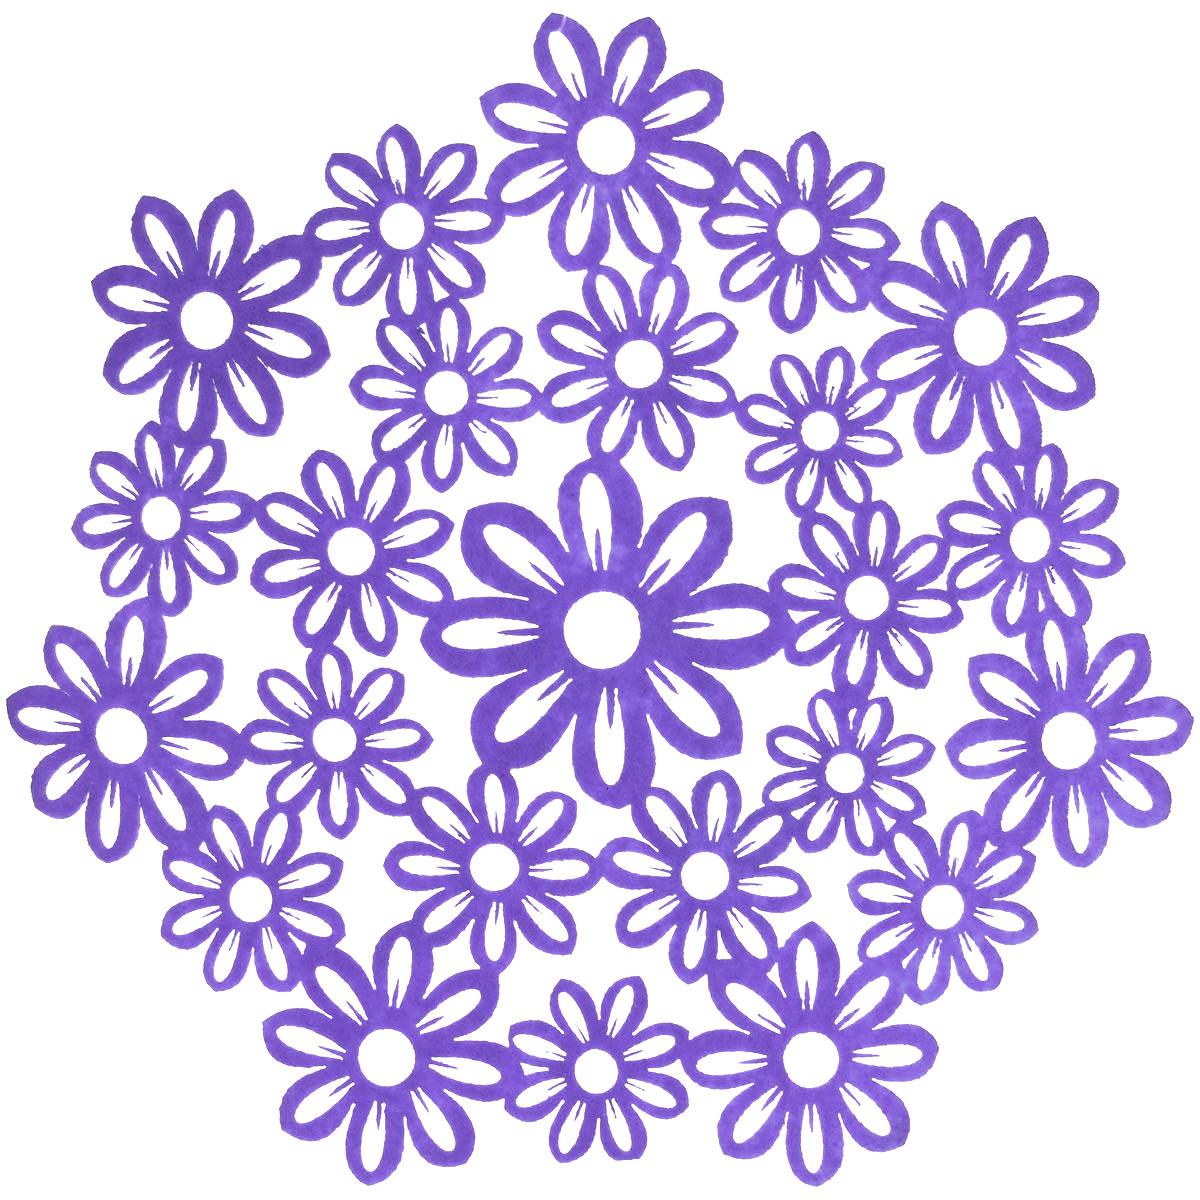 Салфетка Home Queen Незабудки, цвет: фиолетовый, диаметр 28 см66840_4Круглая салфетка Home Queen Незабудки выполнена из фетра и оснащена красивойперфорацией в виде цветов.Вы можете использовать салфетку для декорирования стола, комода, журнального столика.В любом случае она добавит в ваш дом стиля, изысканности и неповторимости и убережетмебель от царапин и потертостей.Диаметр салфетки: 28 см.